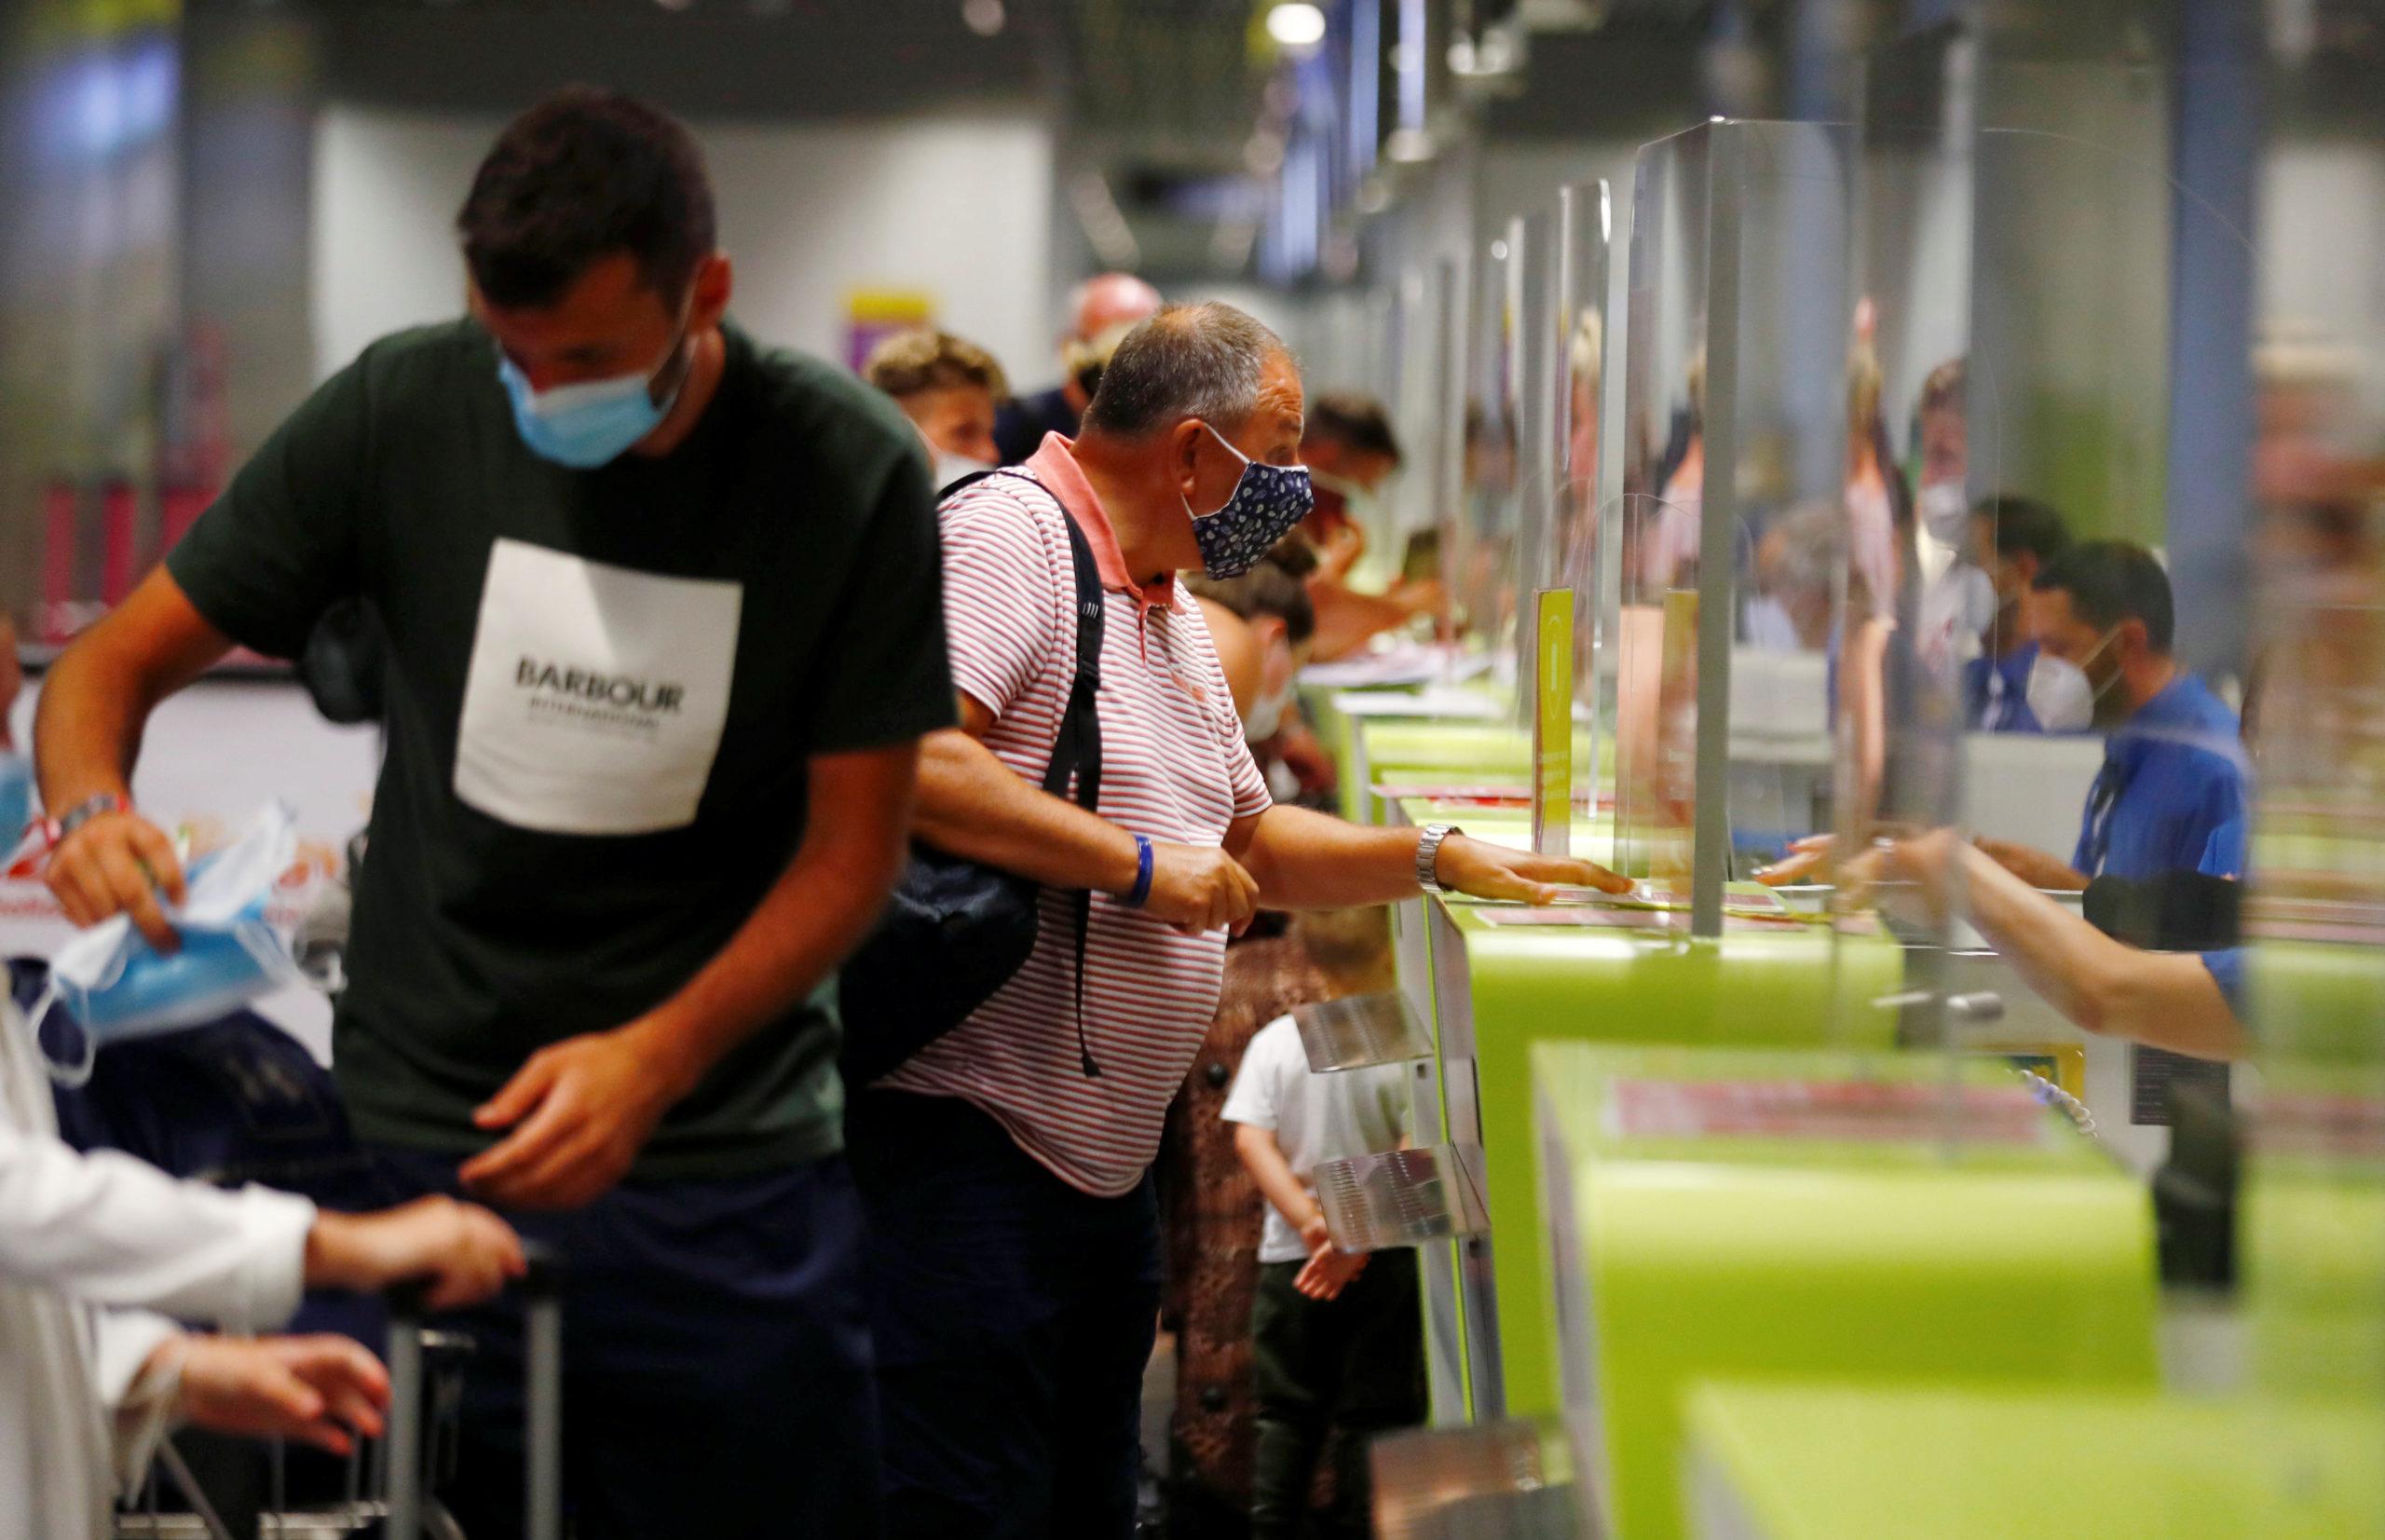 Londres rétablit la quarantaine pour les voyageurs venant d'Espagne